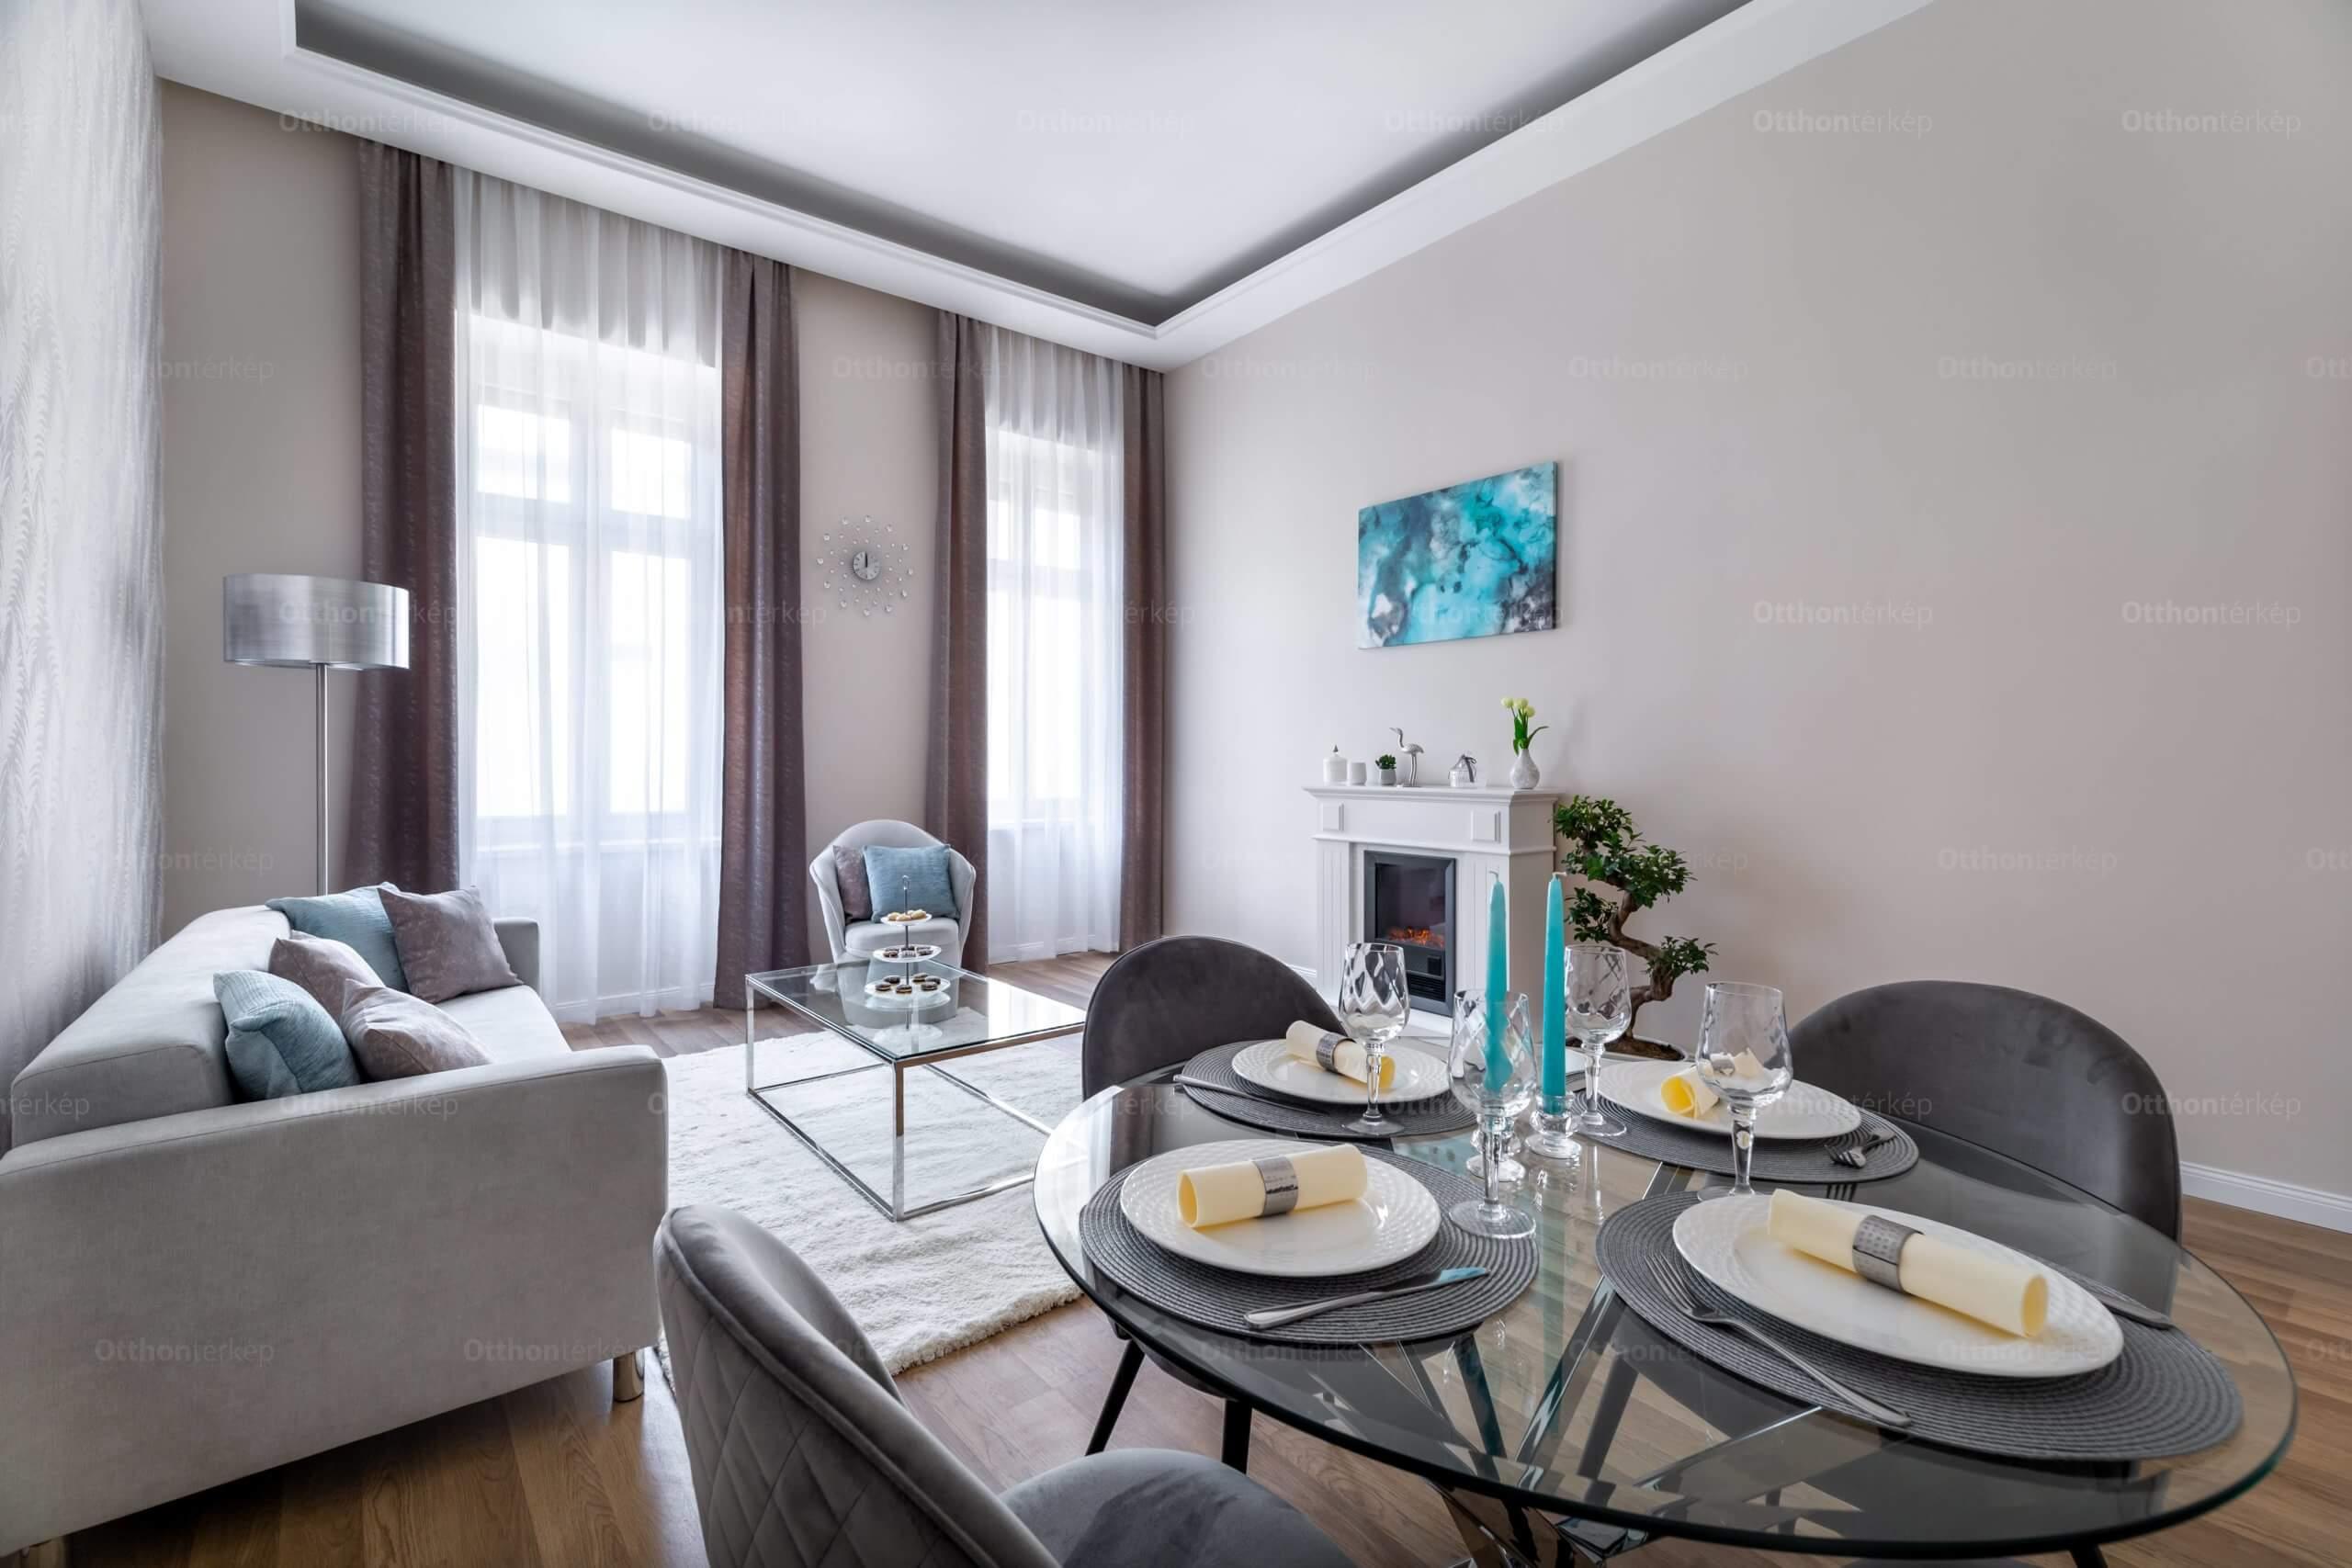 Kényelmes luxus-otthon, a körúttól csak 200 méterre